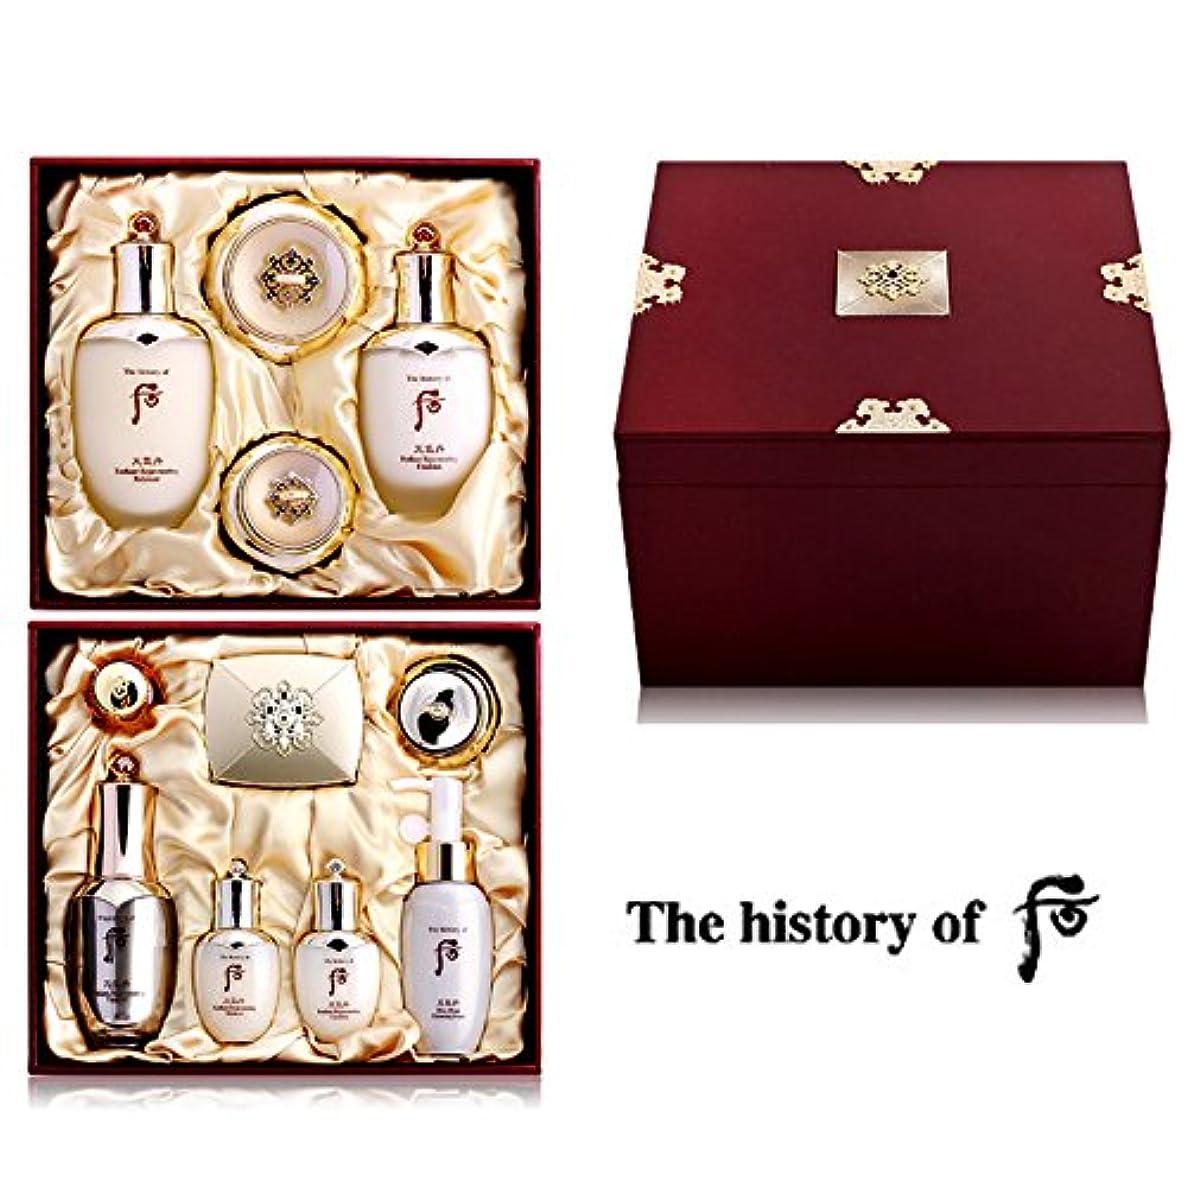 慈善移動する宇宙飛行士【フー/The history of whoo] 天気丹 王侯(チョンギダン ワンフ) セット/Chonghi Dan Queen Special Set+[Sample Gift](海外直送品)